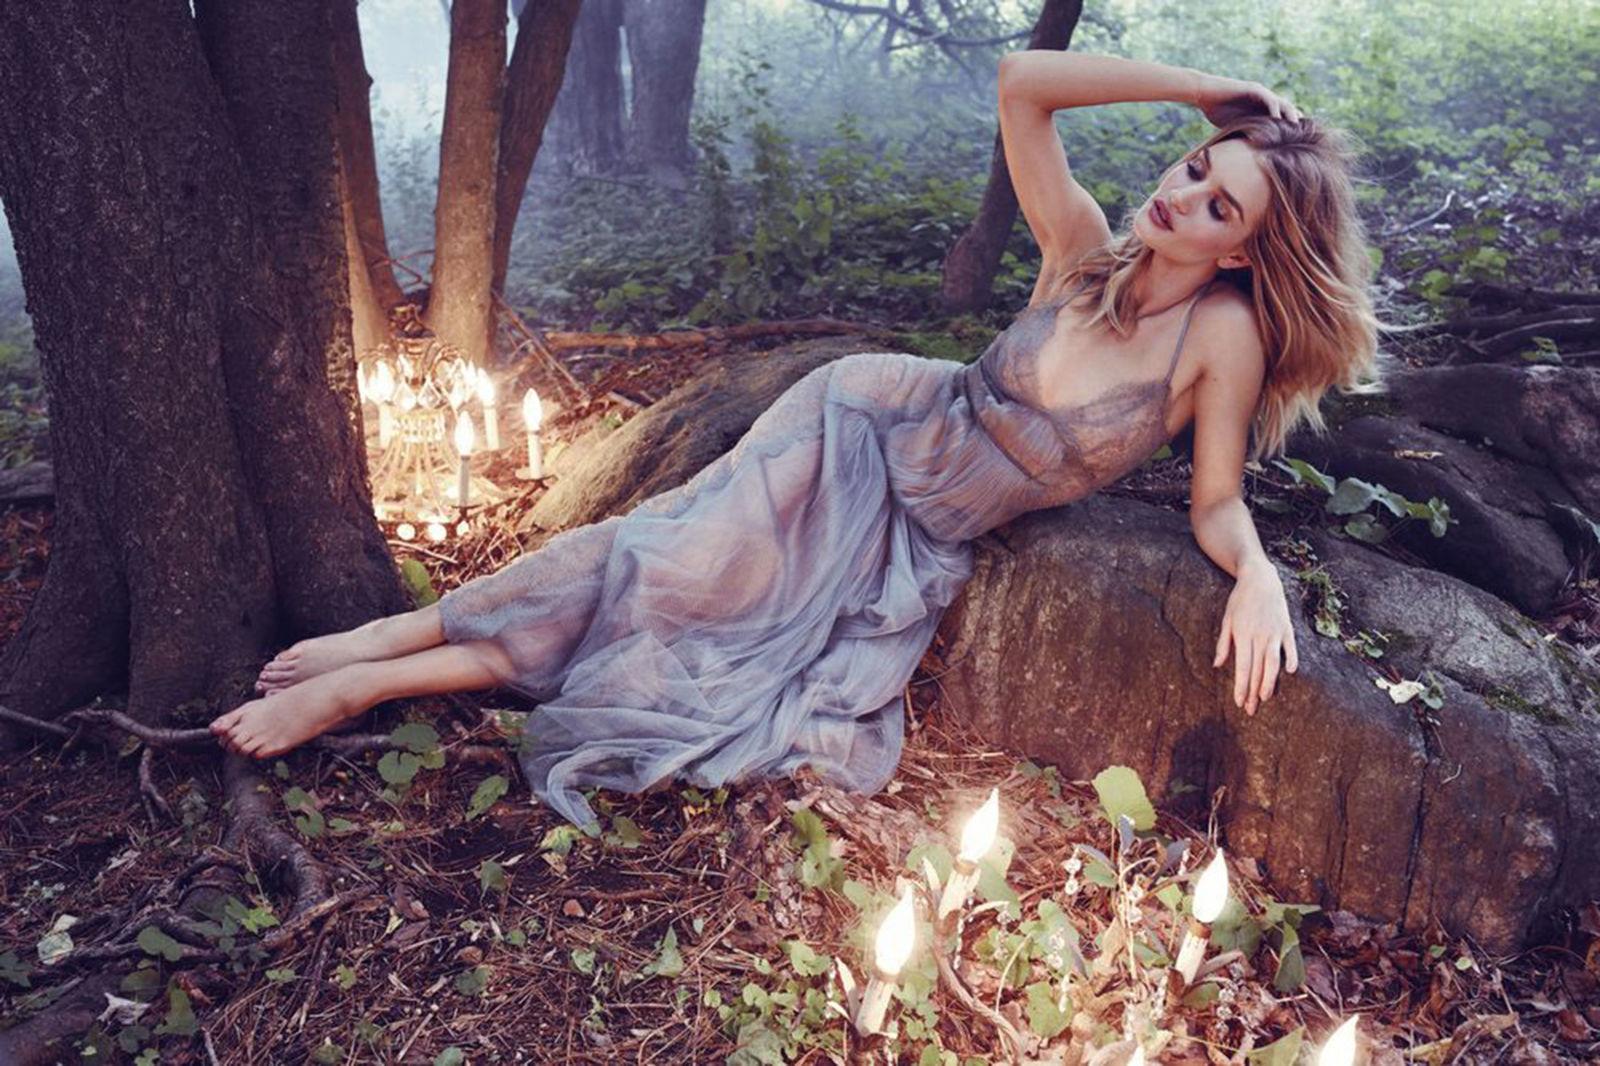 Лесная нимфа: соблазнительная Рози Хантингтон-Уайтли в новой фотосессии